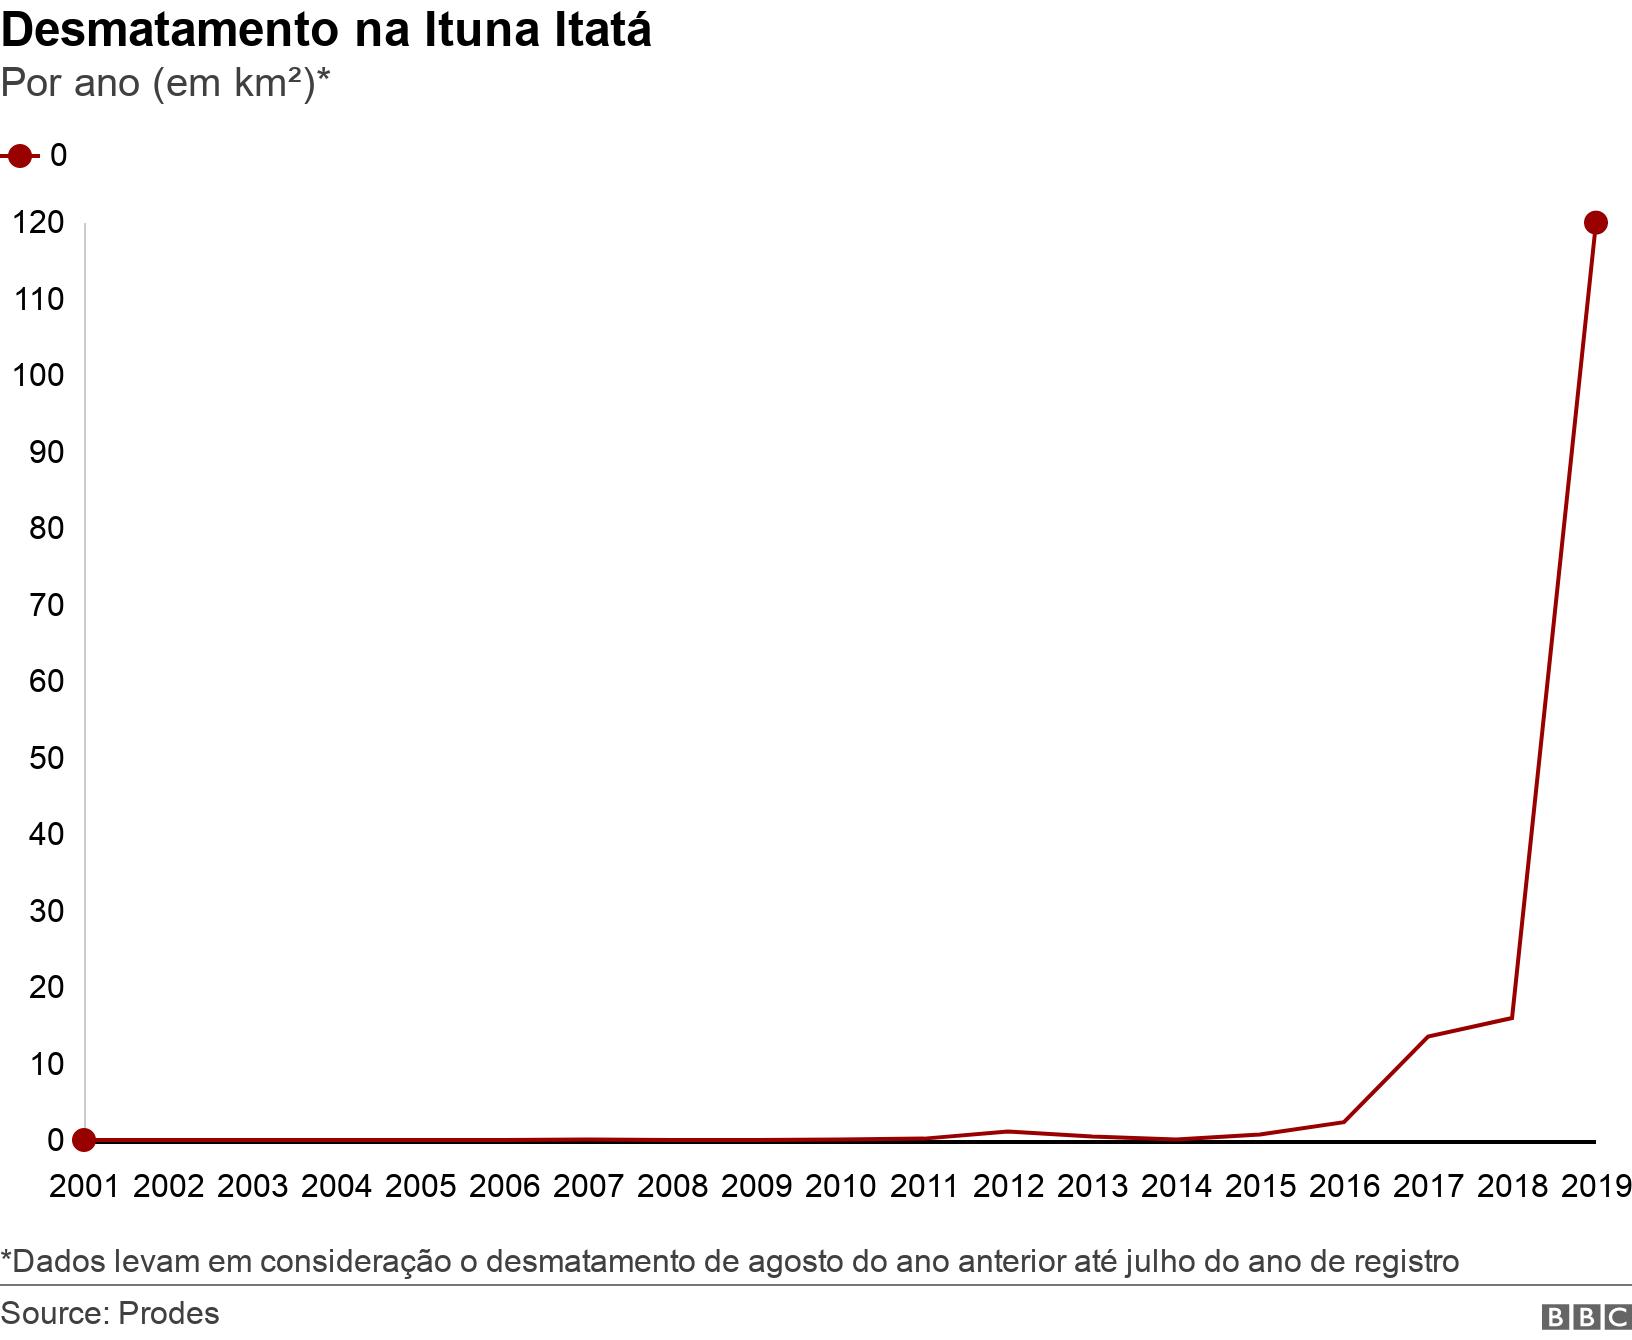 Desmatamento na Ituna Itatá . Por ano (em km²)*. *Dados levam em consideração o desmatamento de agosto do ano anterior até julho do ano de registro.